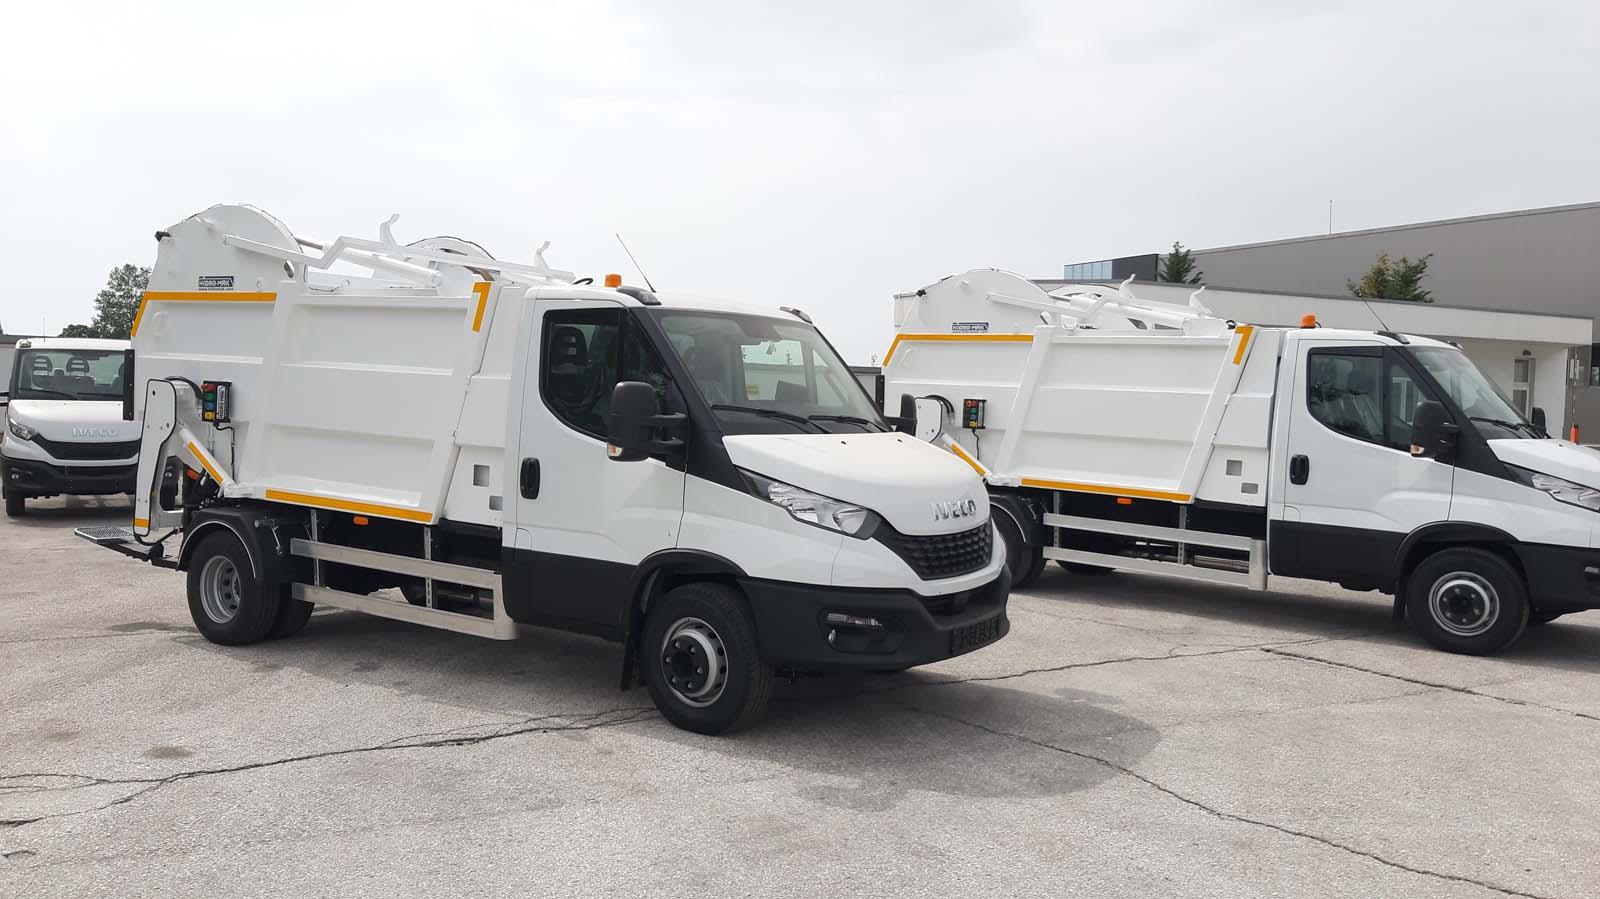 burgas-truck-service-upgrades-1-1